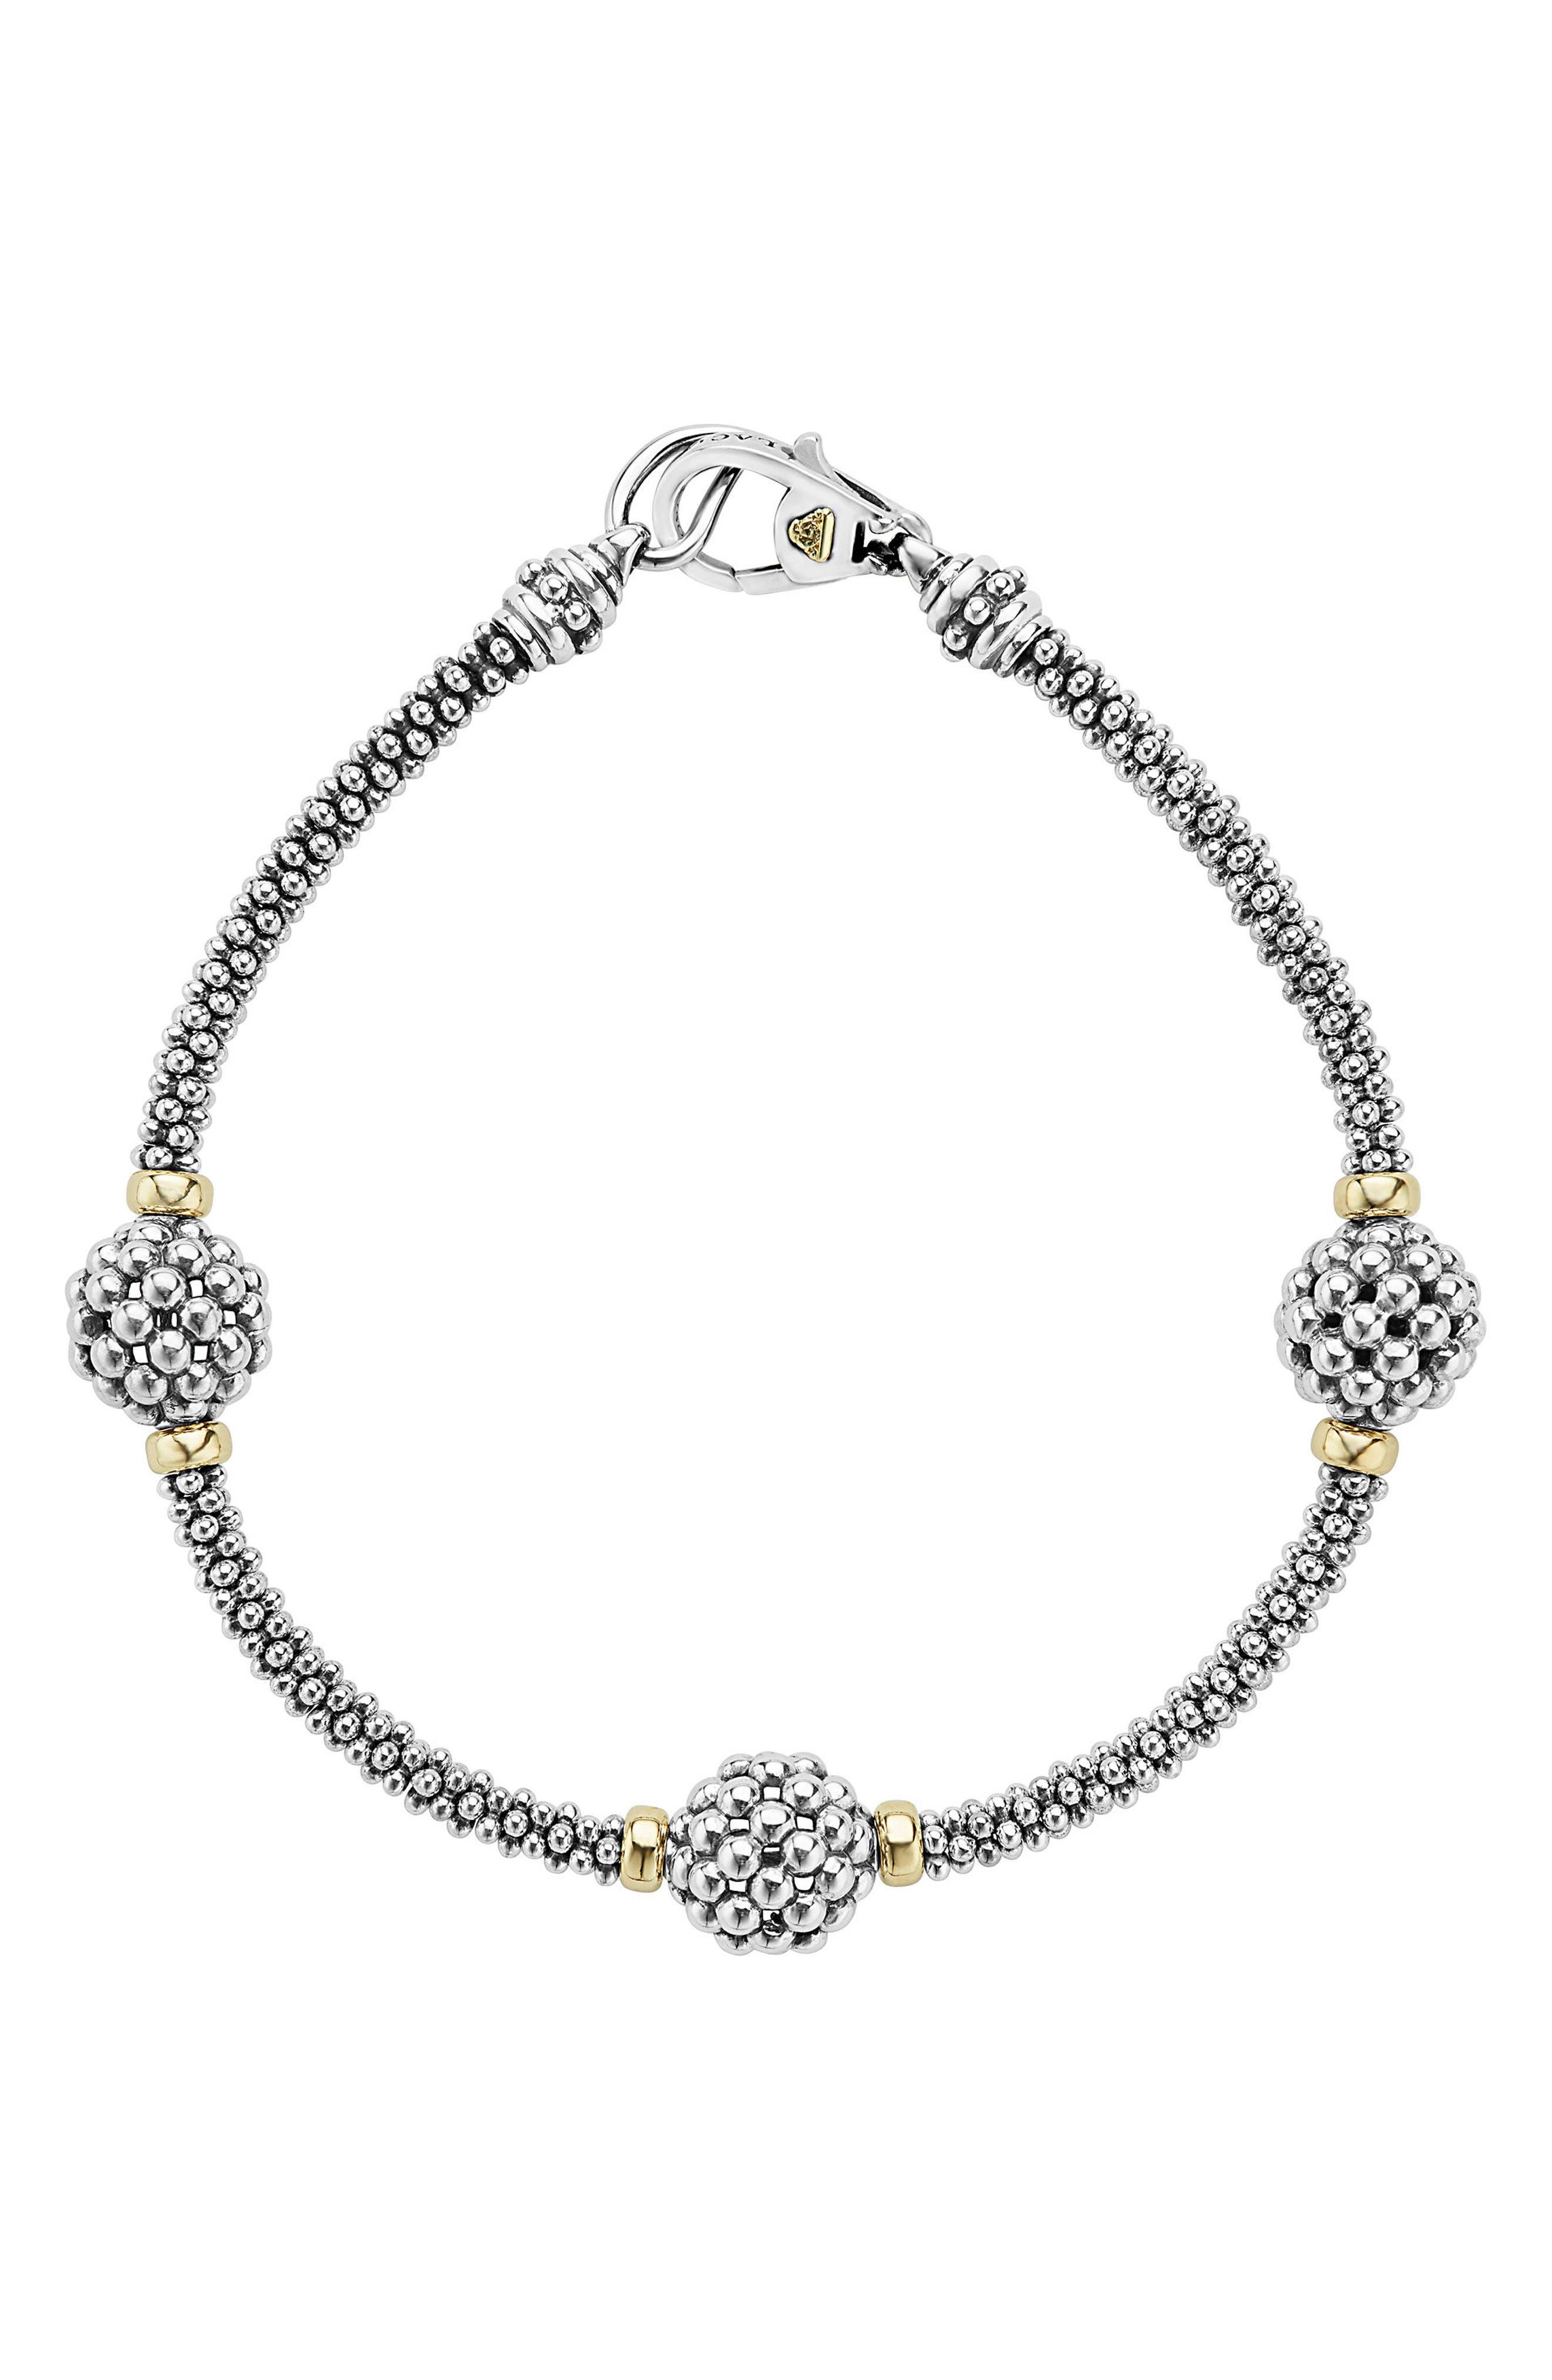 LAGOS 'Caviar Forever' Ball Station Bracelet